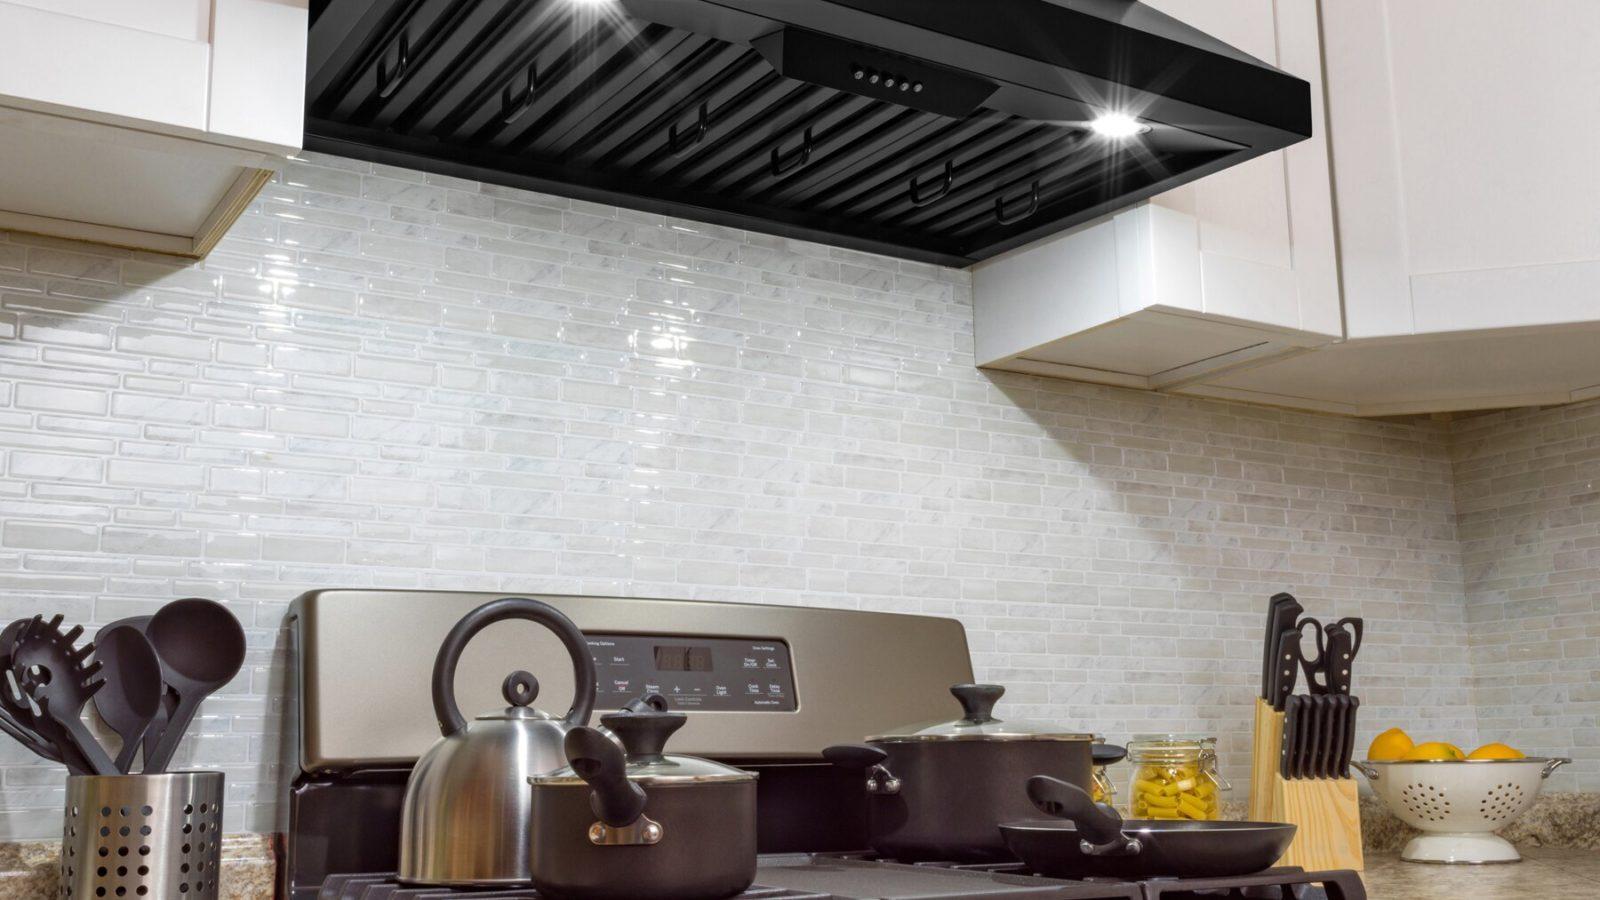 Range Hood in kitchen